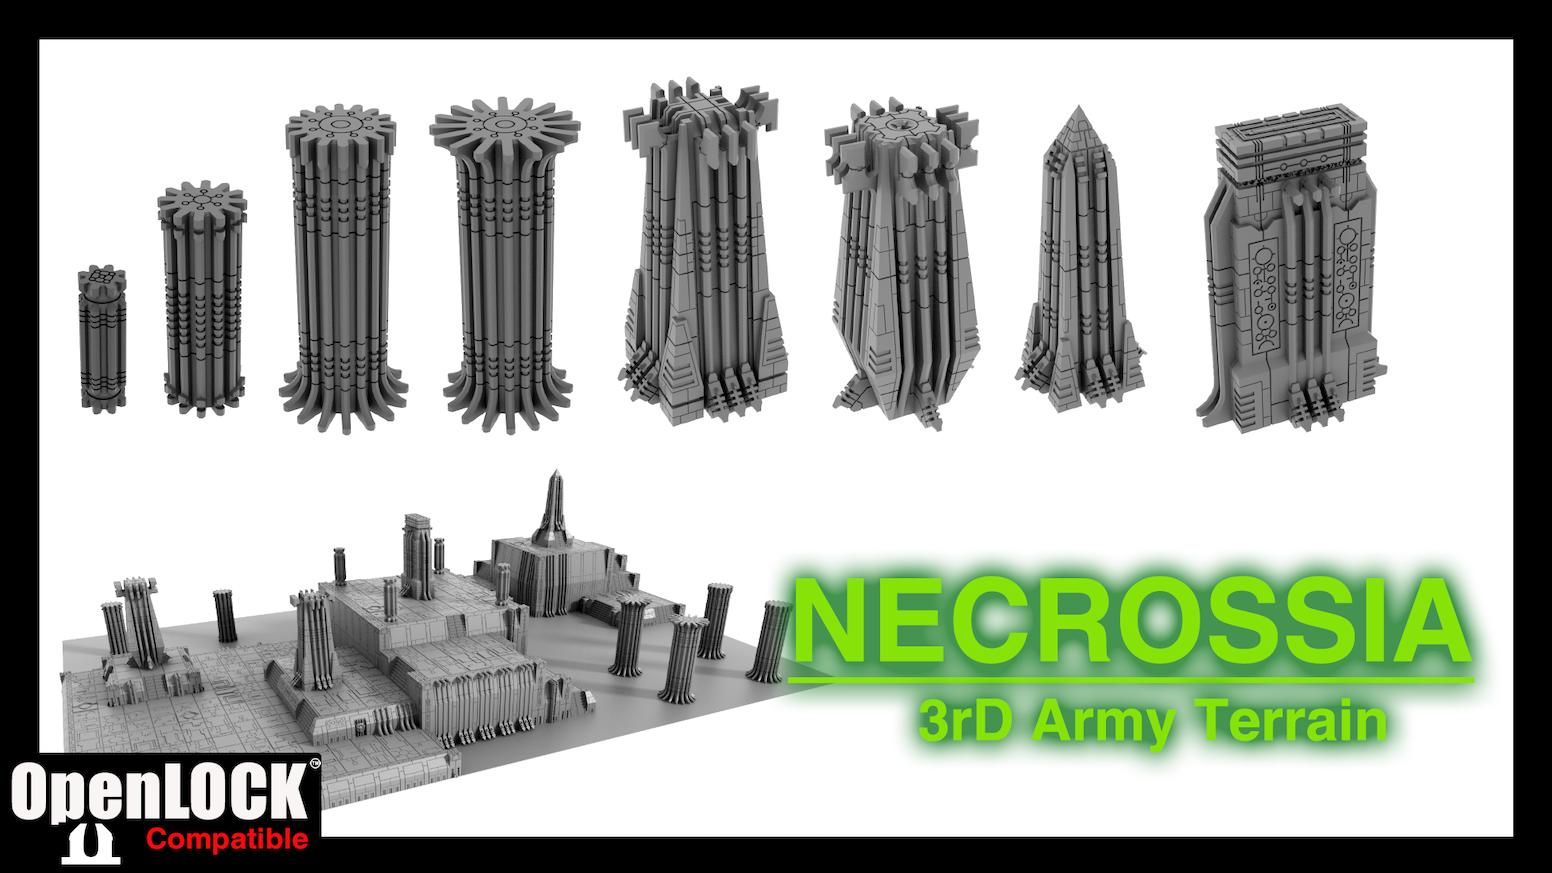 3rd Army Terrain Necrossia 3d Printable Terrain By Protokraken Kickstarter